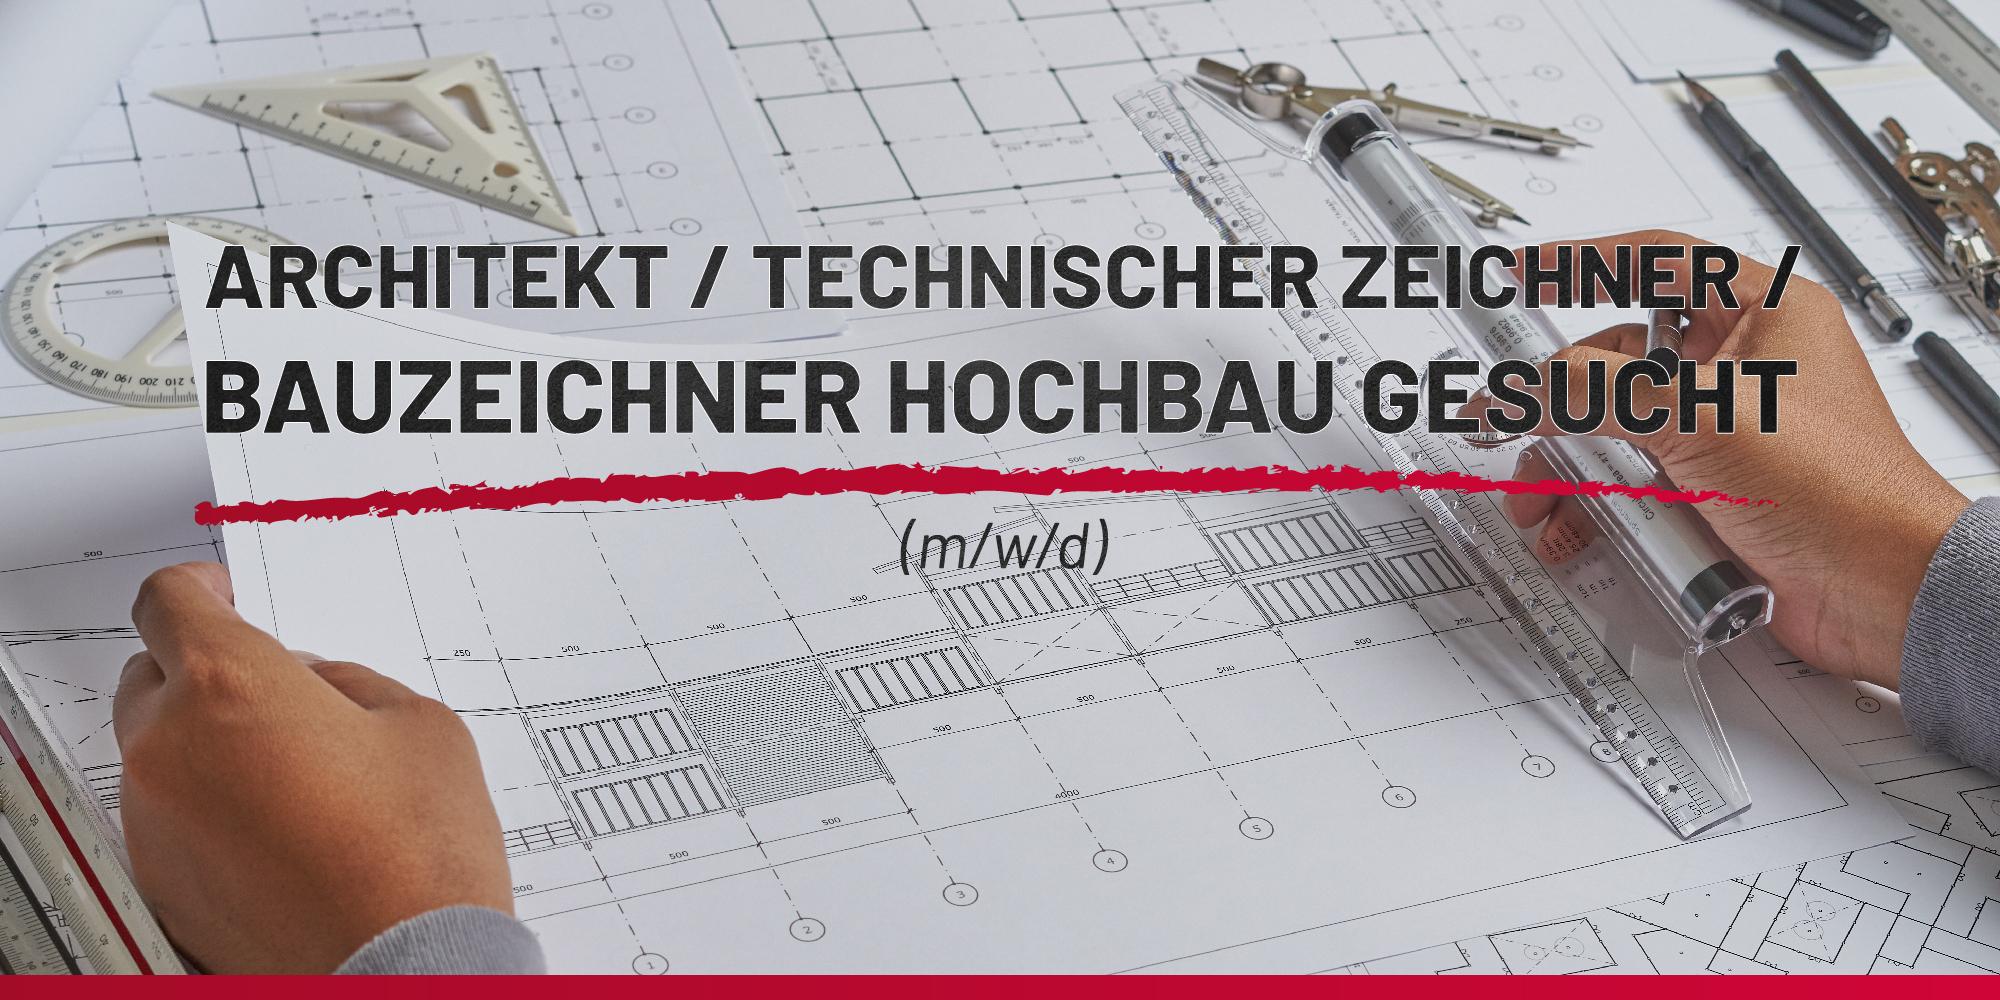 Architekt / technischer Zeichner / Bauzeichner Hochbau (m/w/d) DOMUS Regiobau GmbH | Job Thumbnail